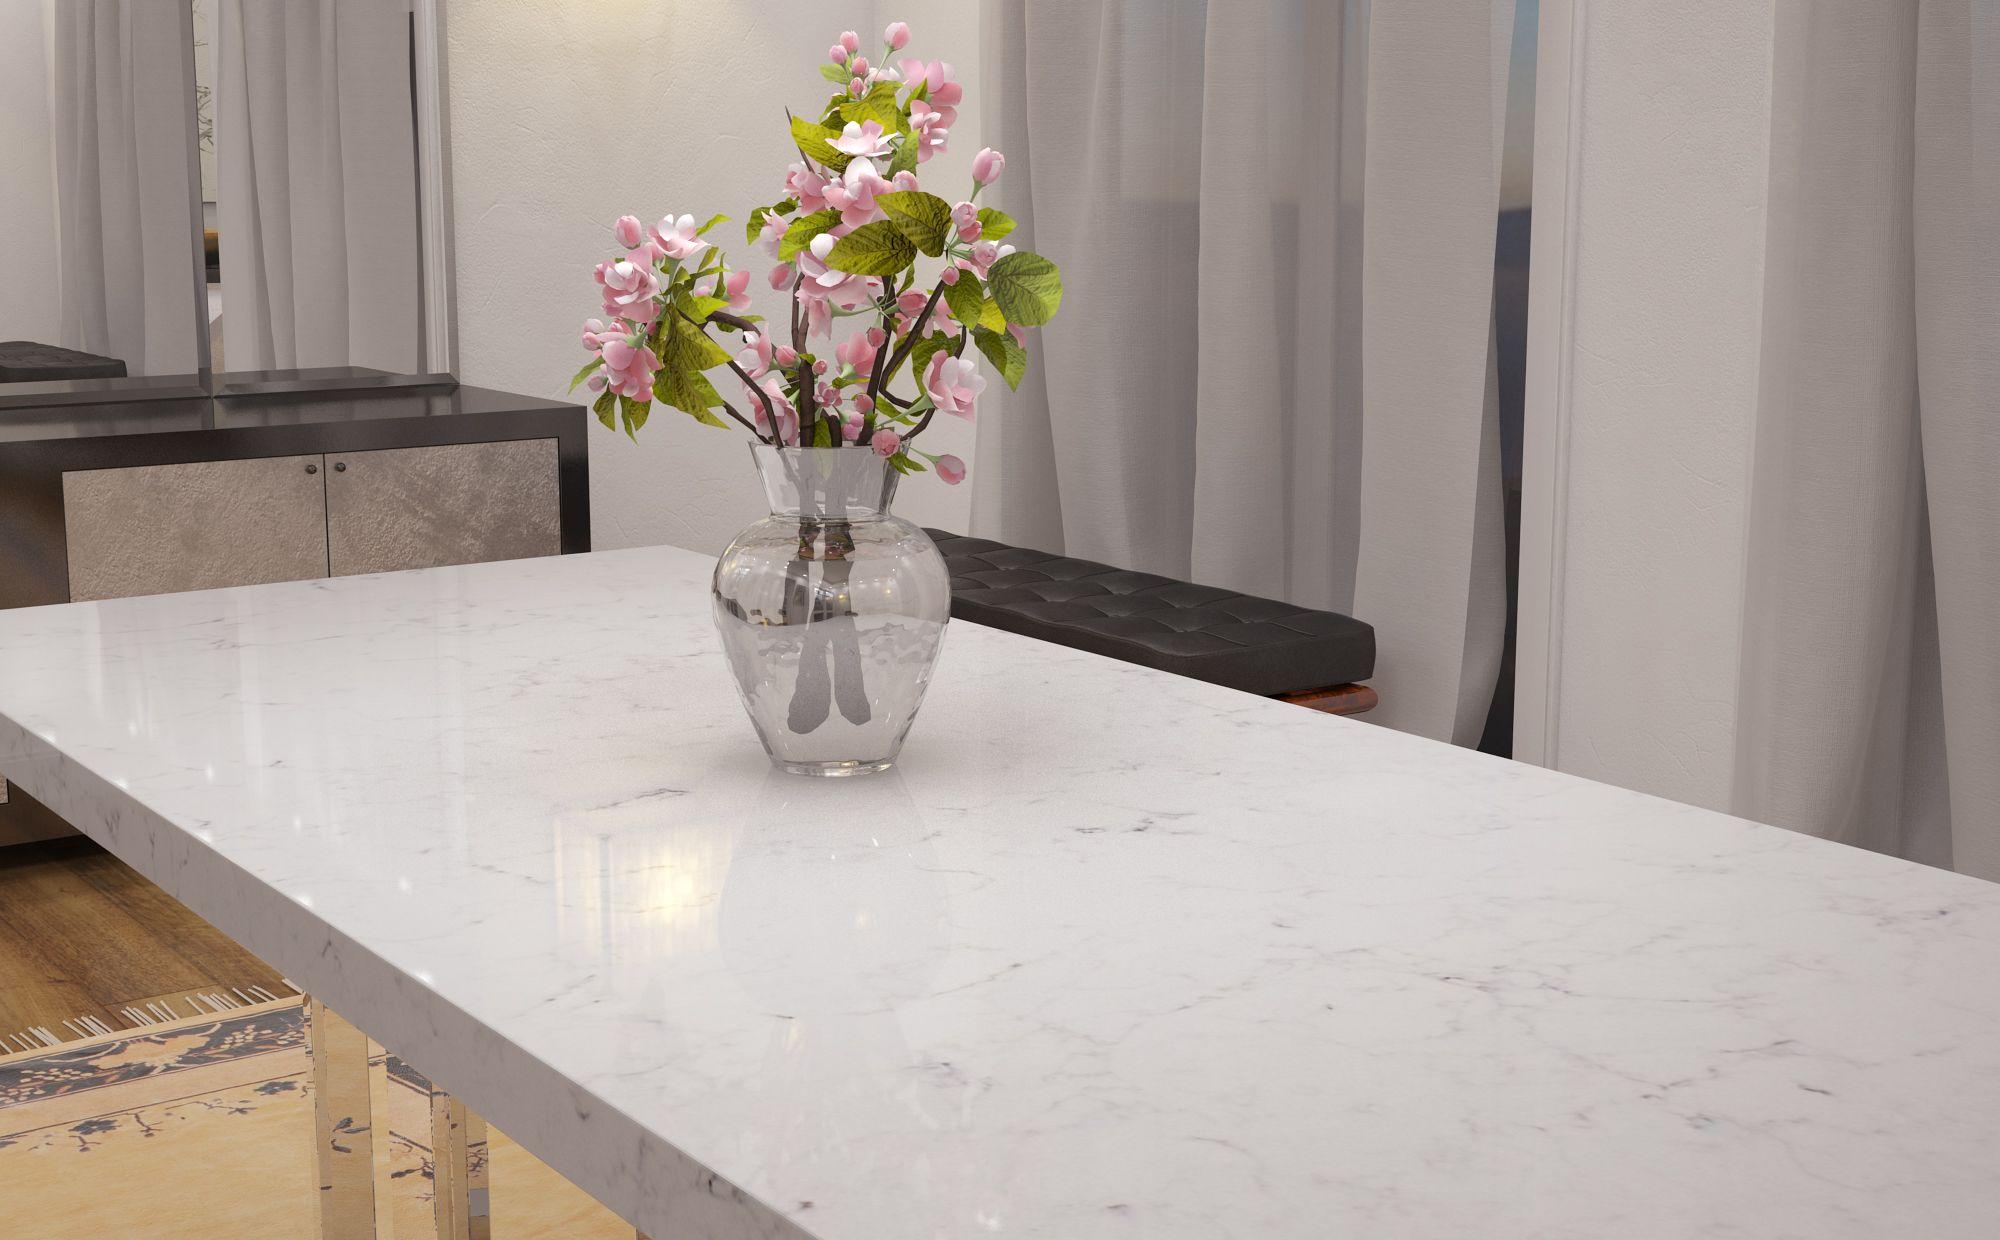 Vicostone Onixaa BQ8550 | i ♥ kitchen | Pinterest | Countertops ...